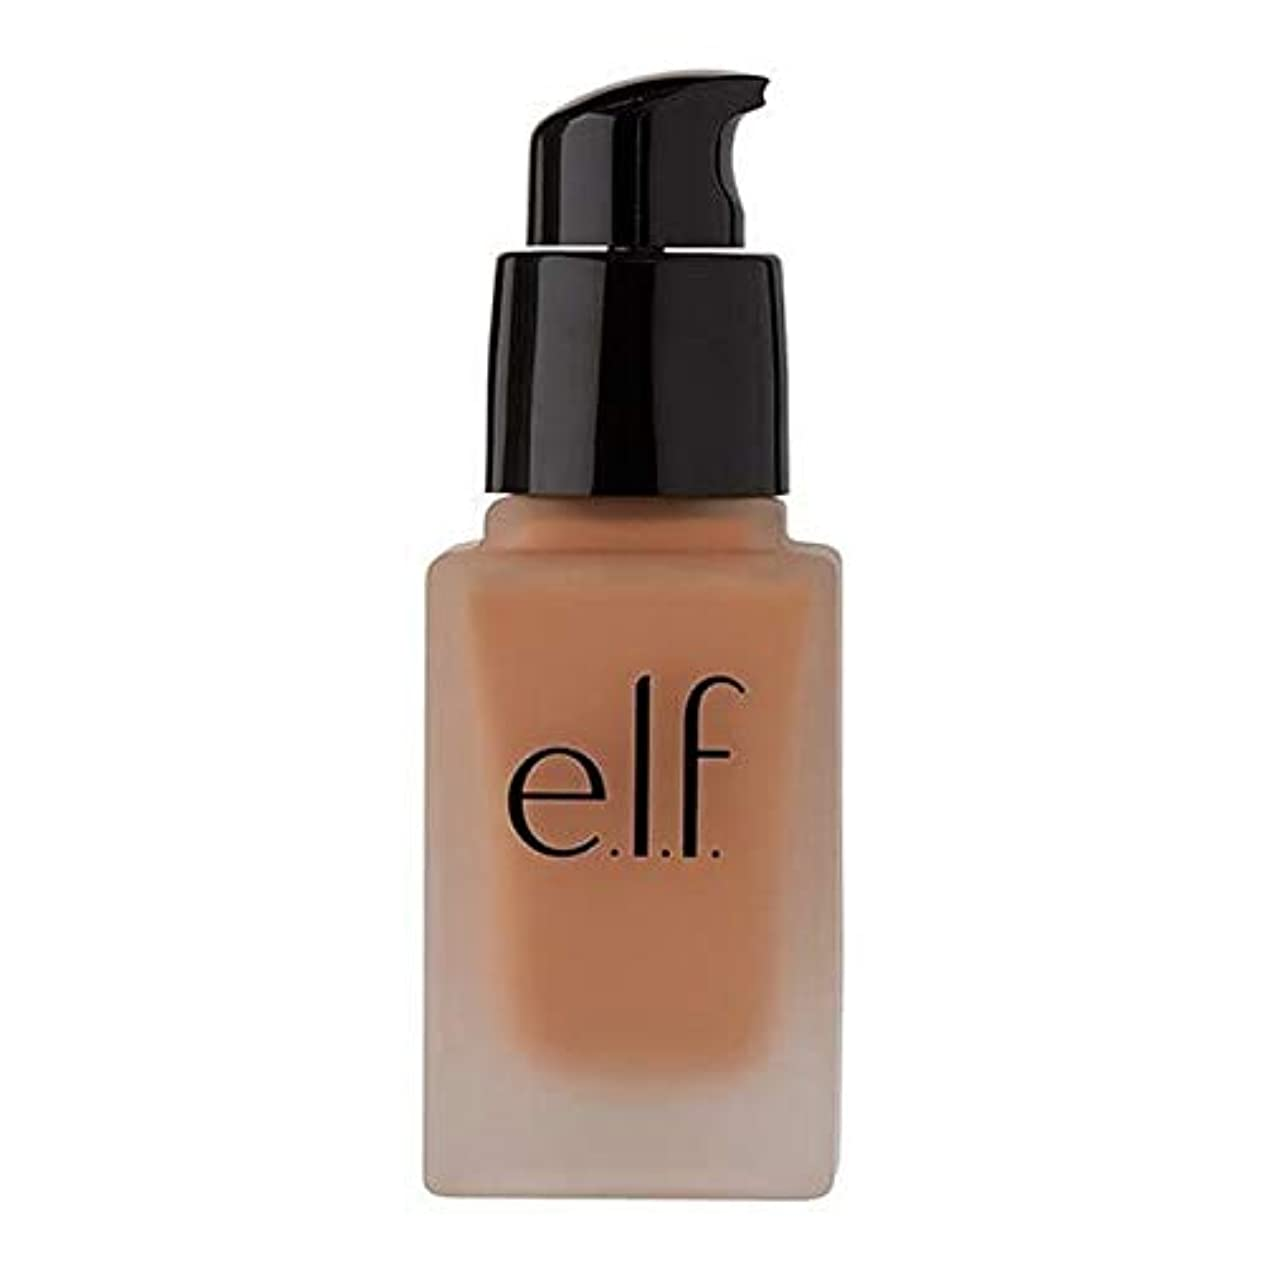 落胆させるセラフモール[Elf ] エルフ。完璧な仕上がりのファンデーションSpf 15キャラメル - e.l.f. Flawless Finish Foundation SPF 15 Caramel [並行輸入品]